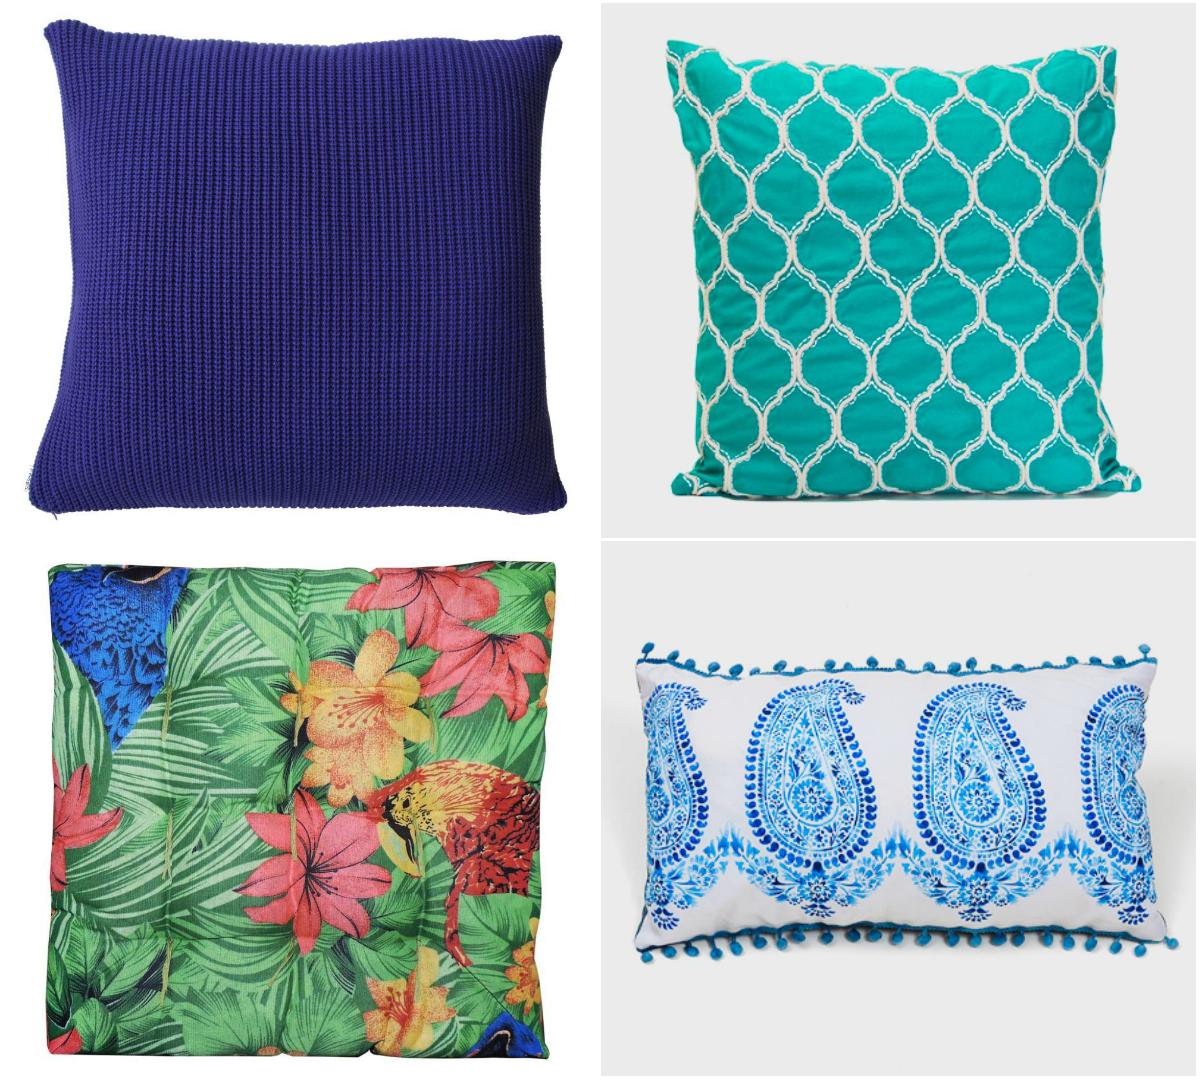 01-12-almofadas-para-complementar-decor